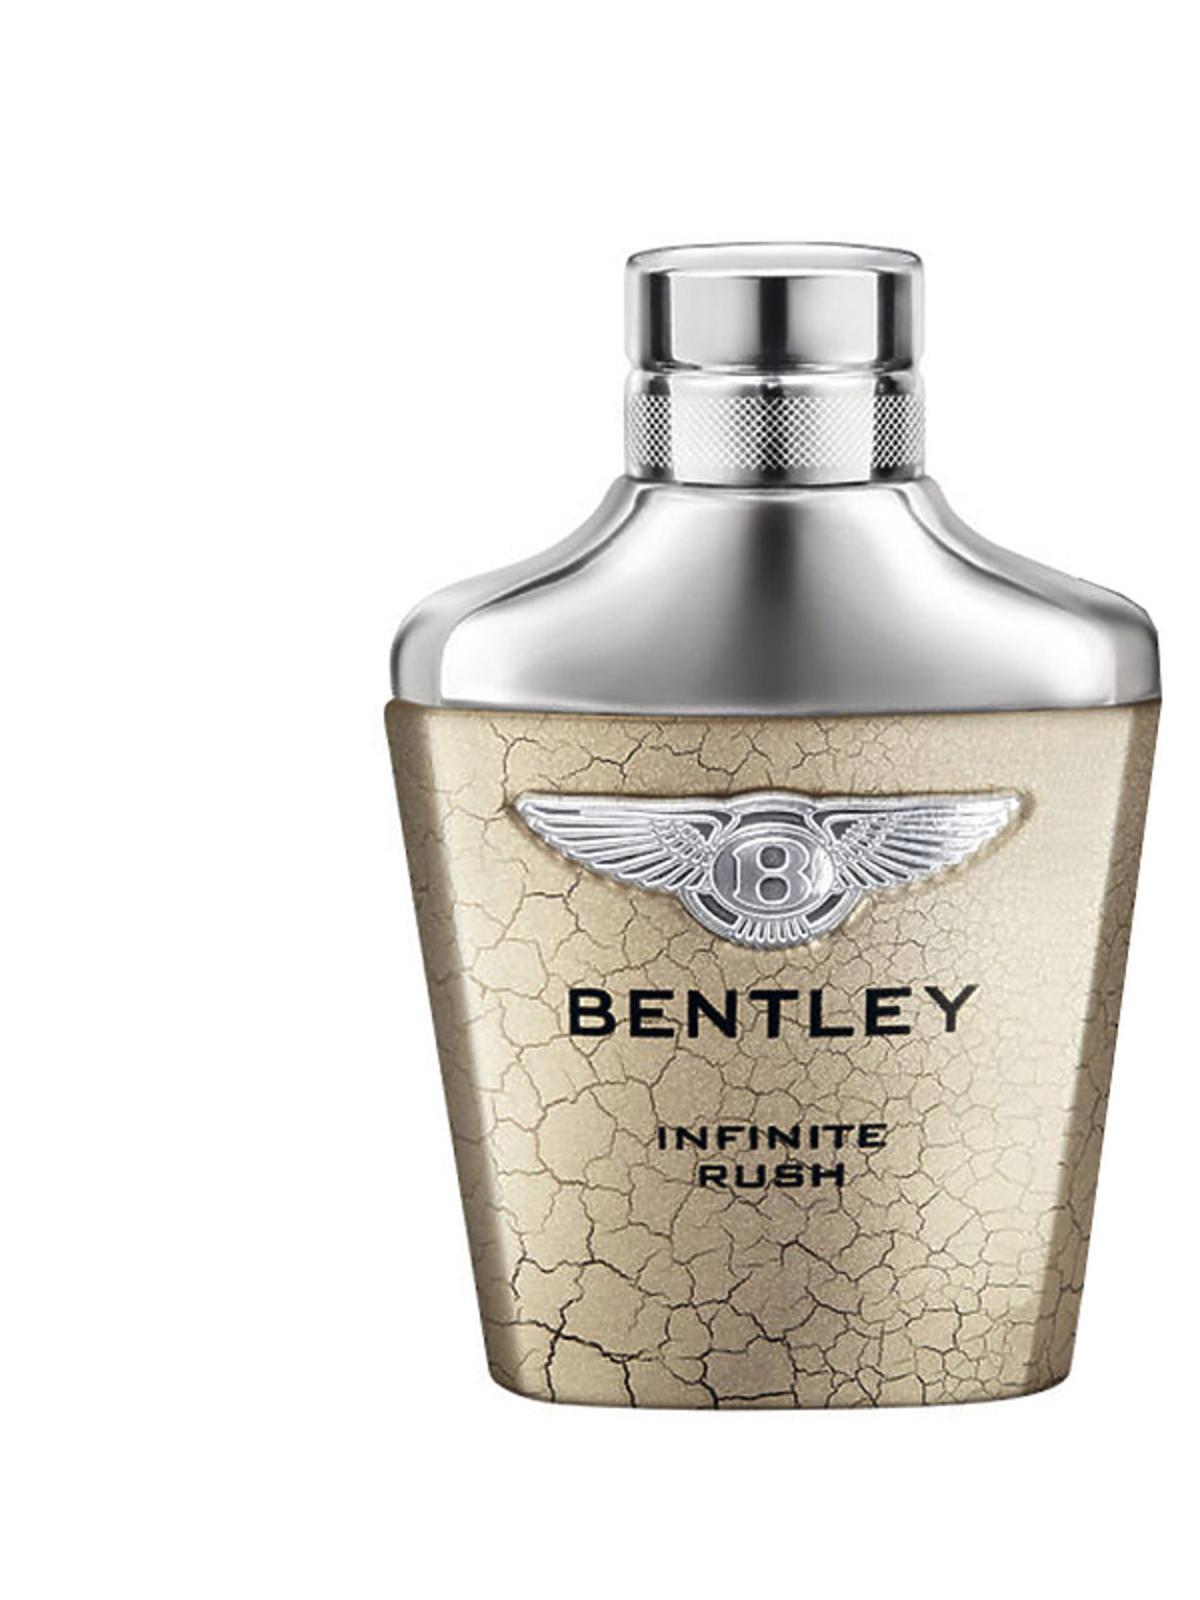 Perfumy - prezent na święta 2016 dla niego: Bentley Infinite Rush, EDT